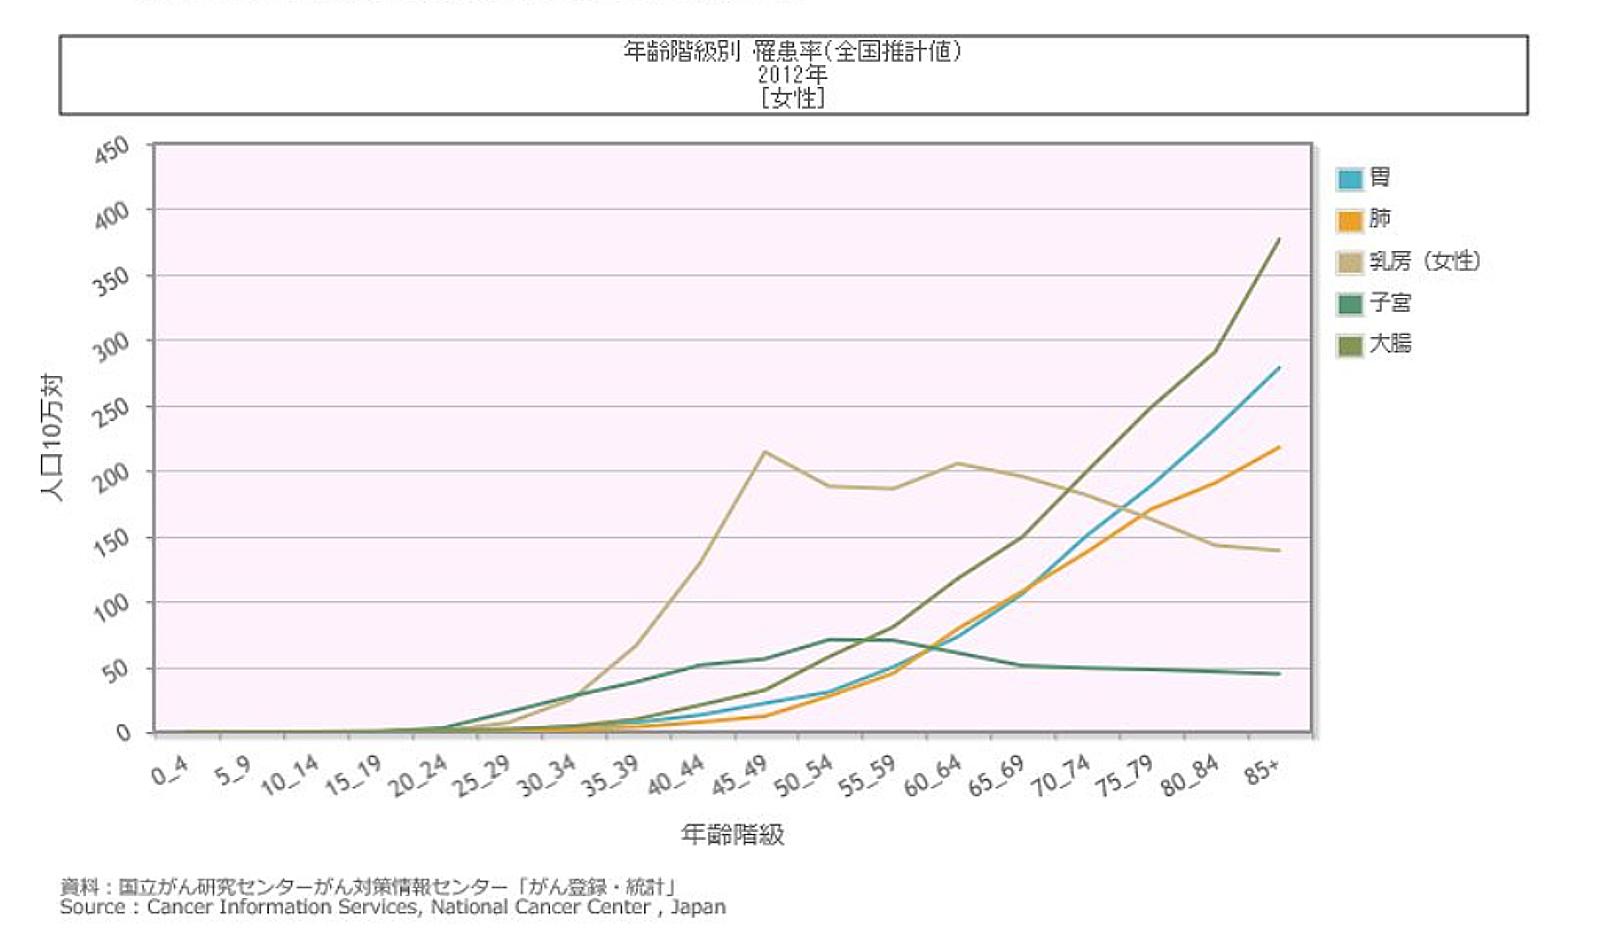 「年齢階級別罹患率(全国推計値)2012年女性」国立がん研究センターがん対策情報センター